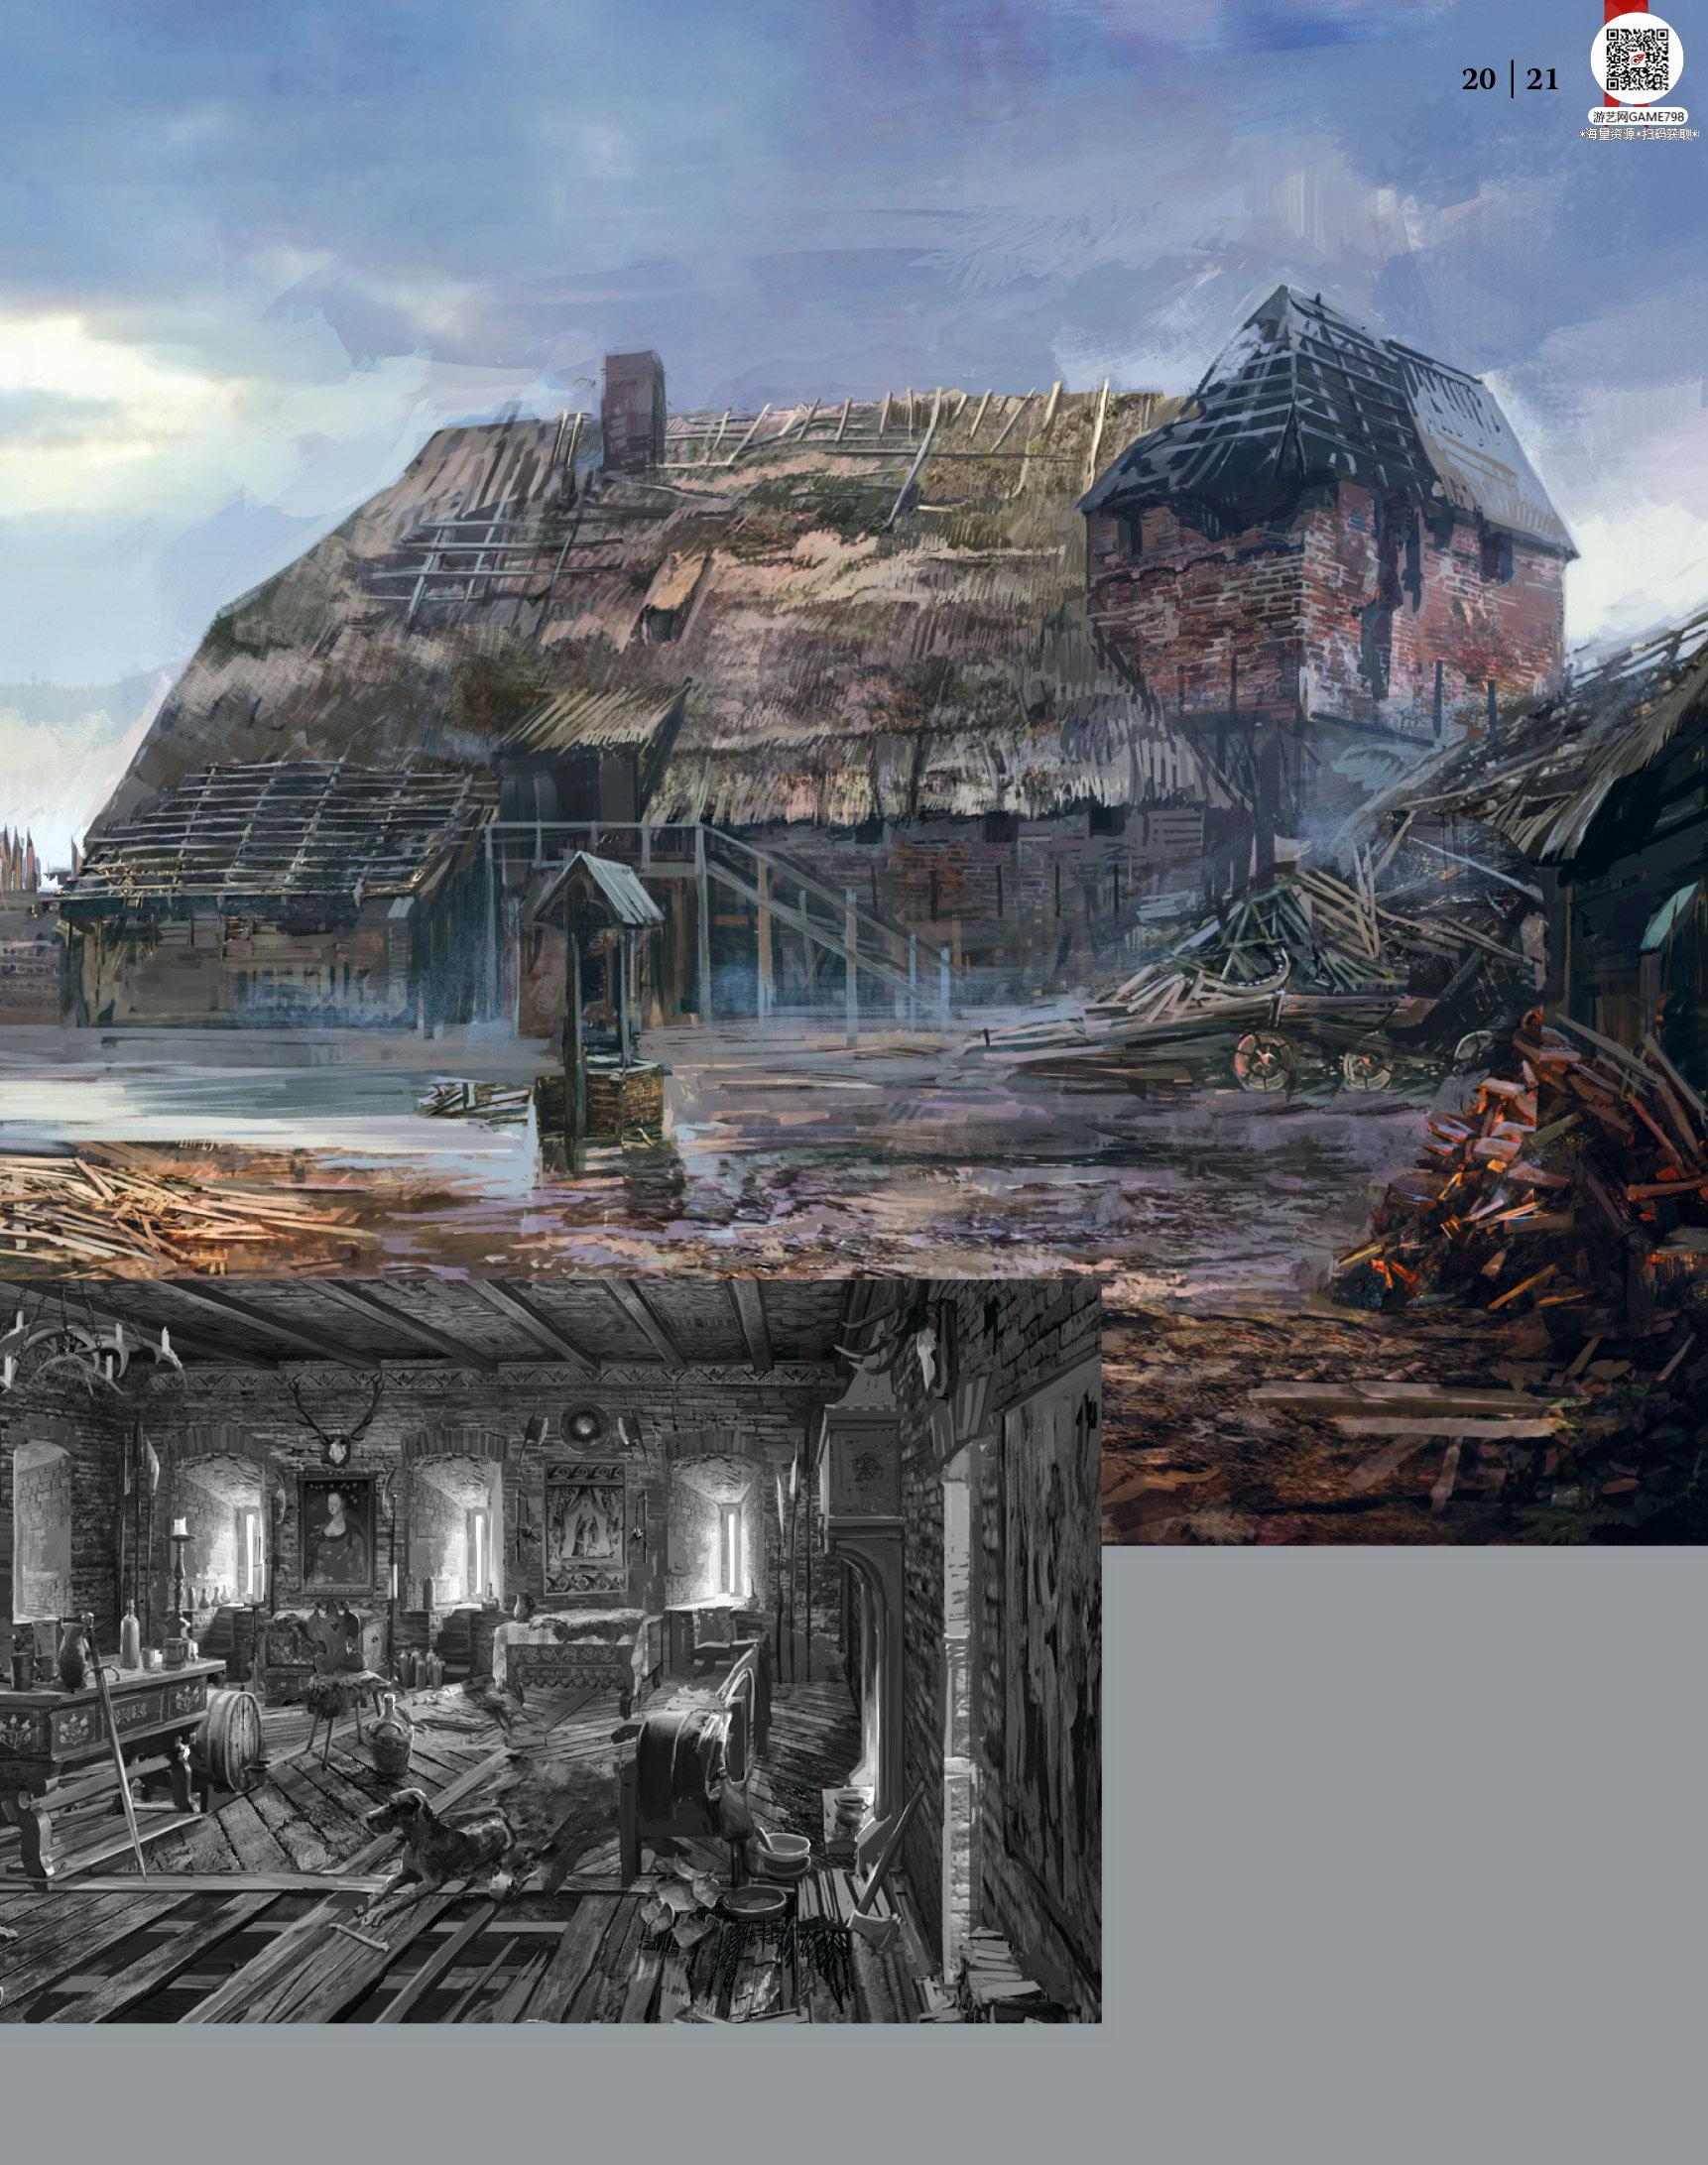 022_关注游艺网公众号获海量资源_次世代游戏巫师3(Witcher)官方原画概念设定.jpg